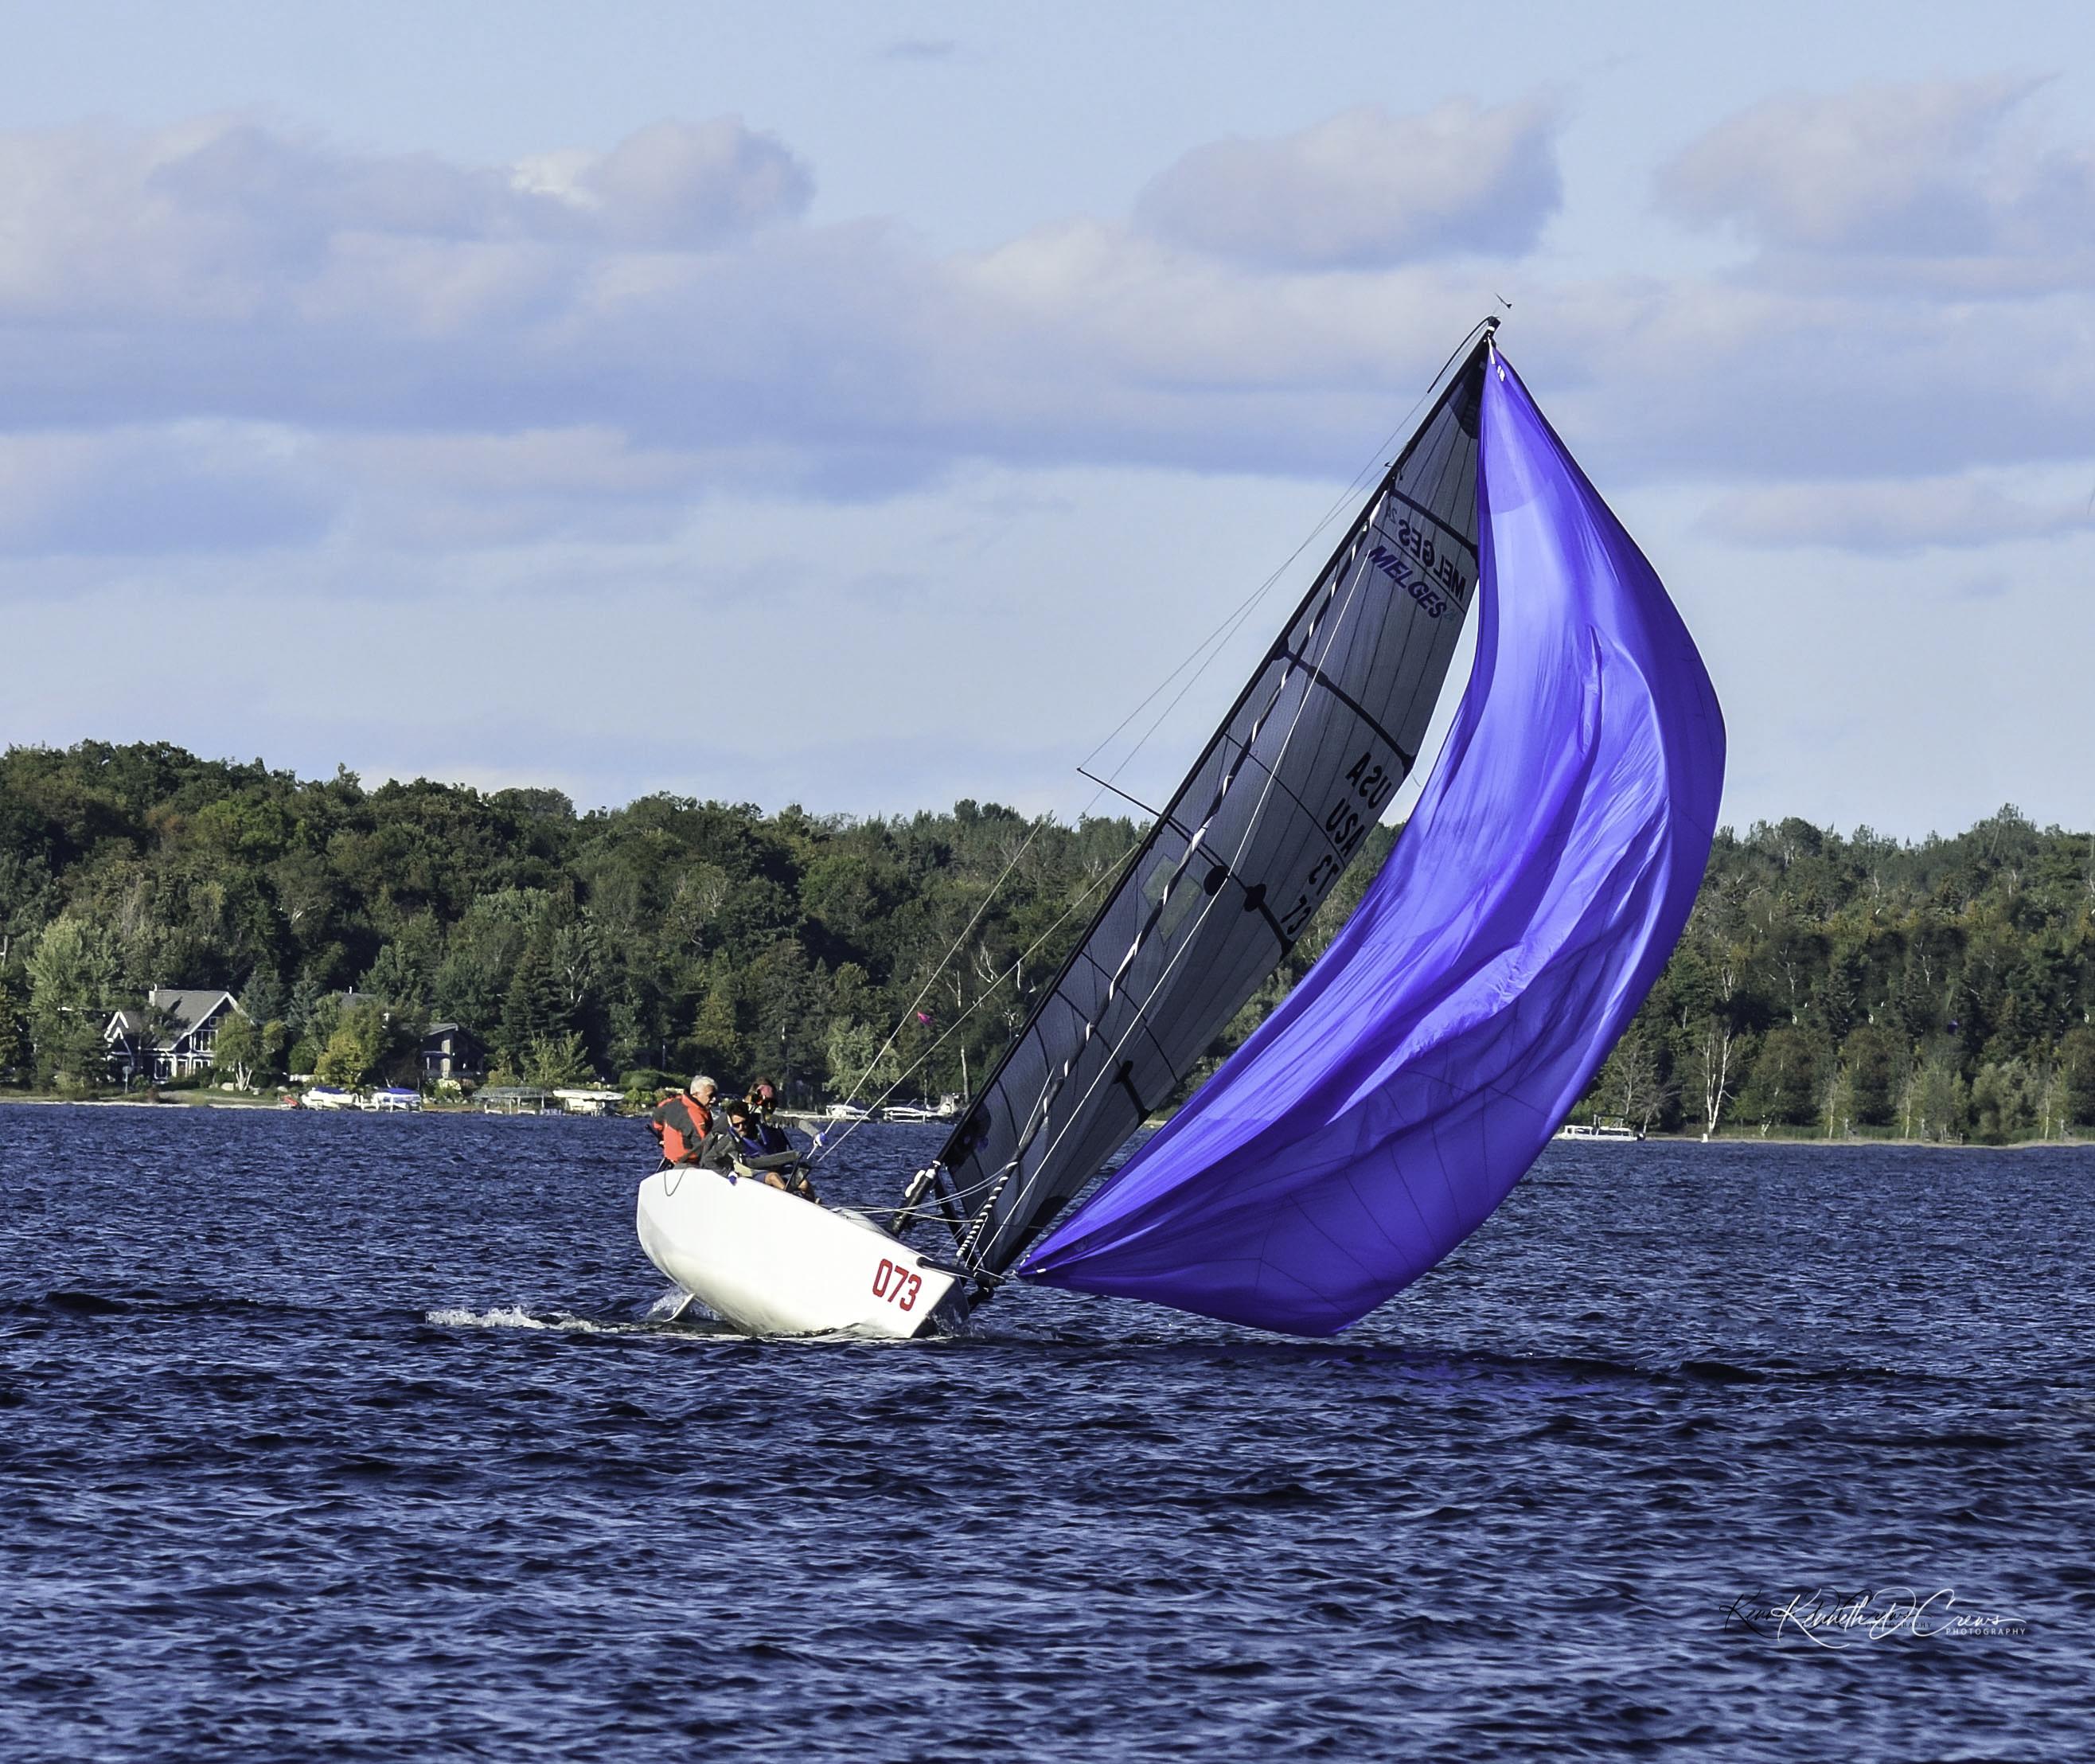 Sailing-1-1